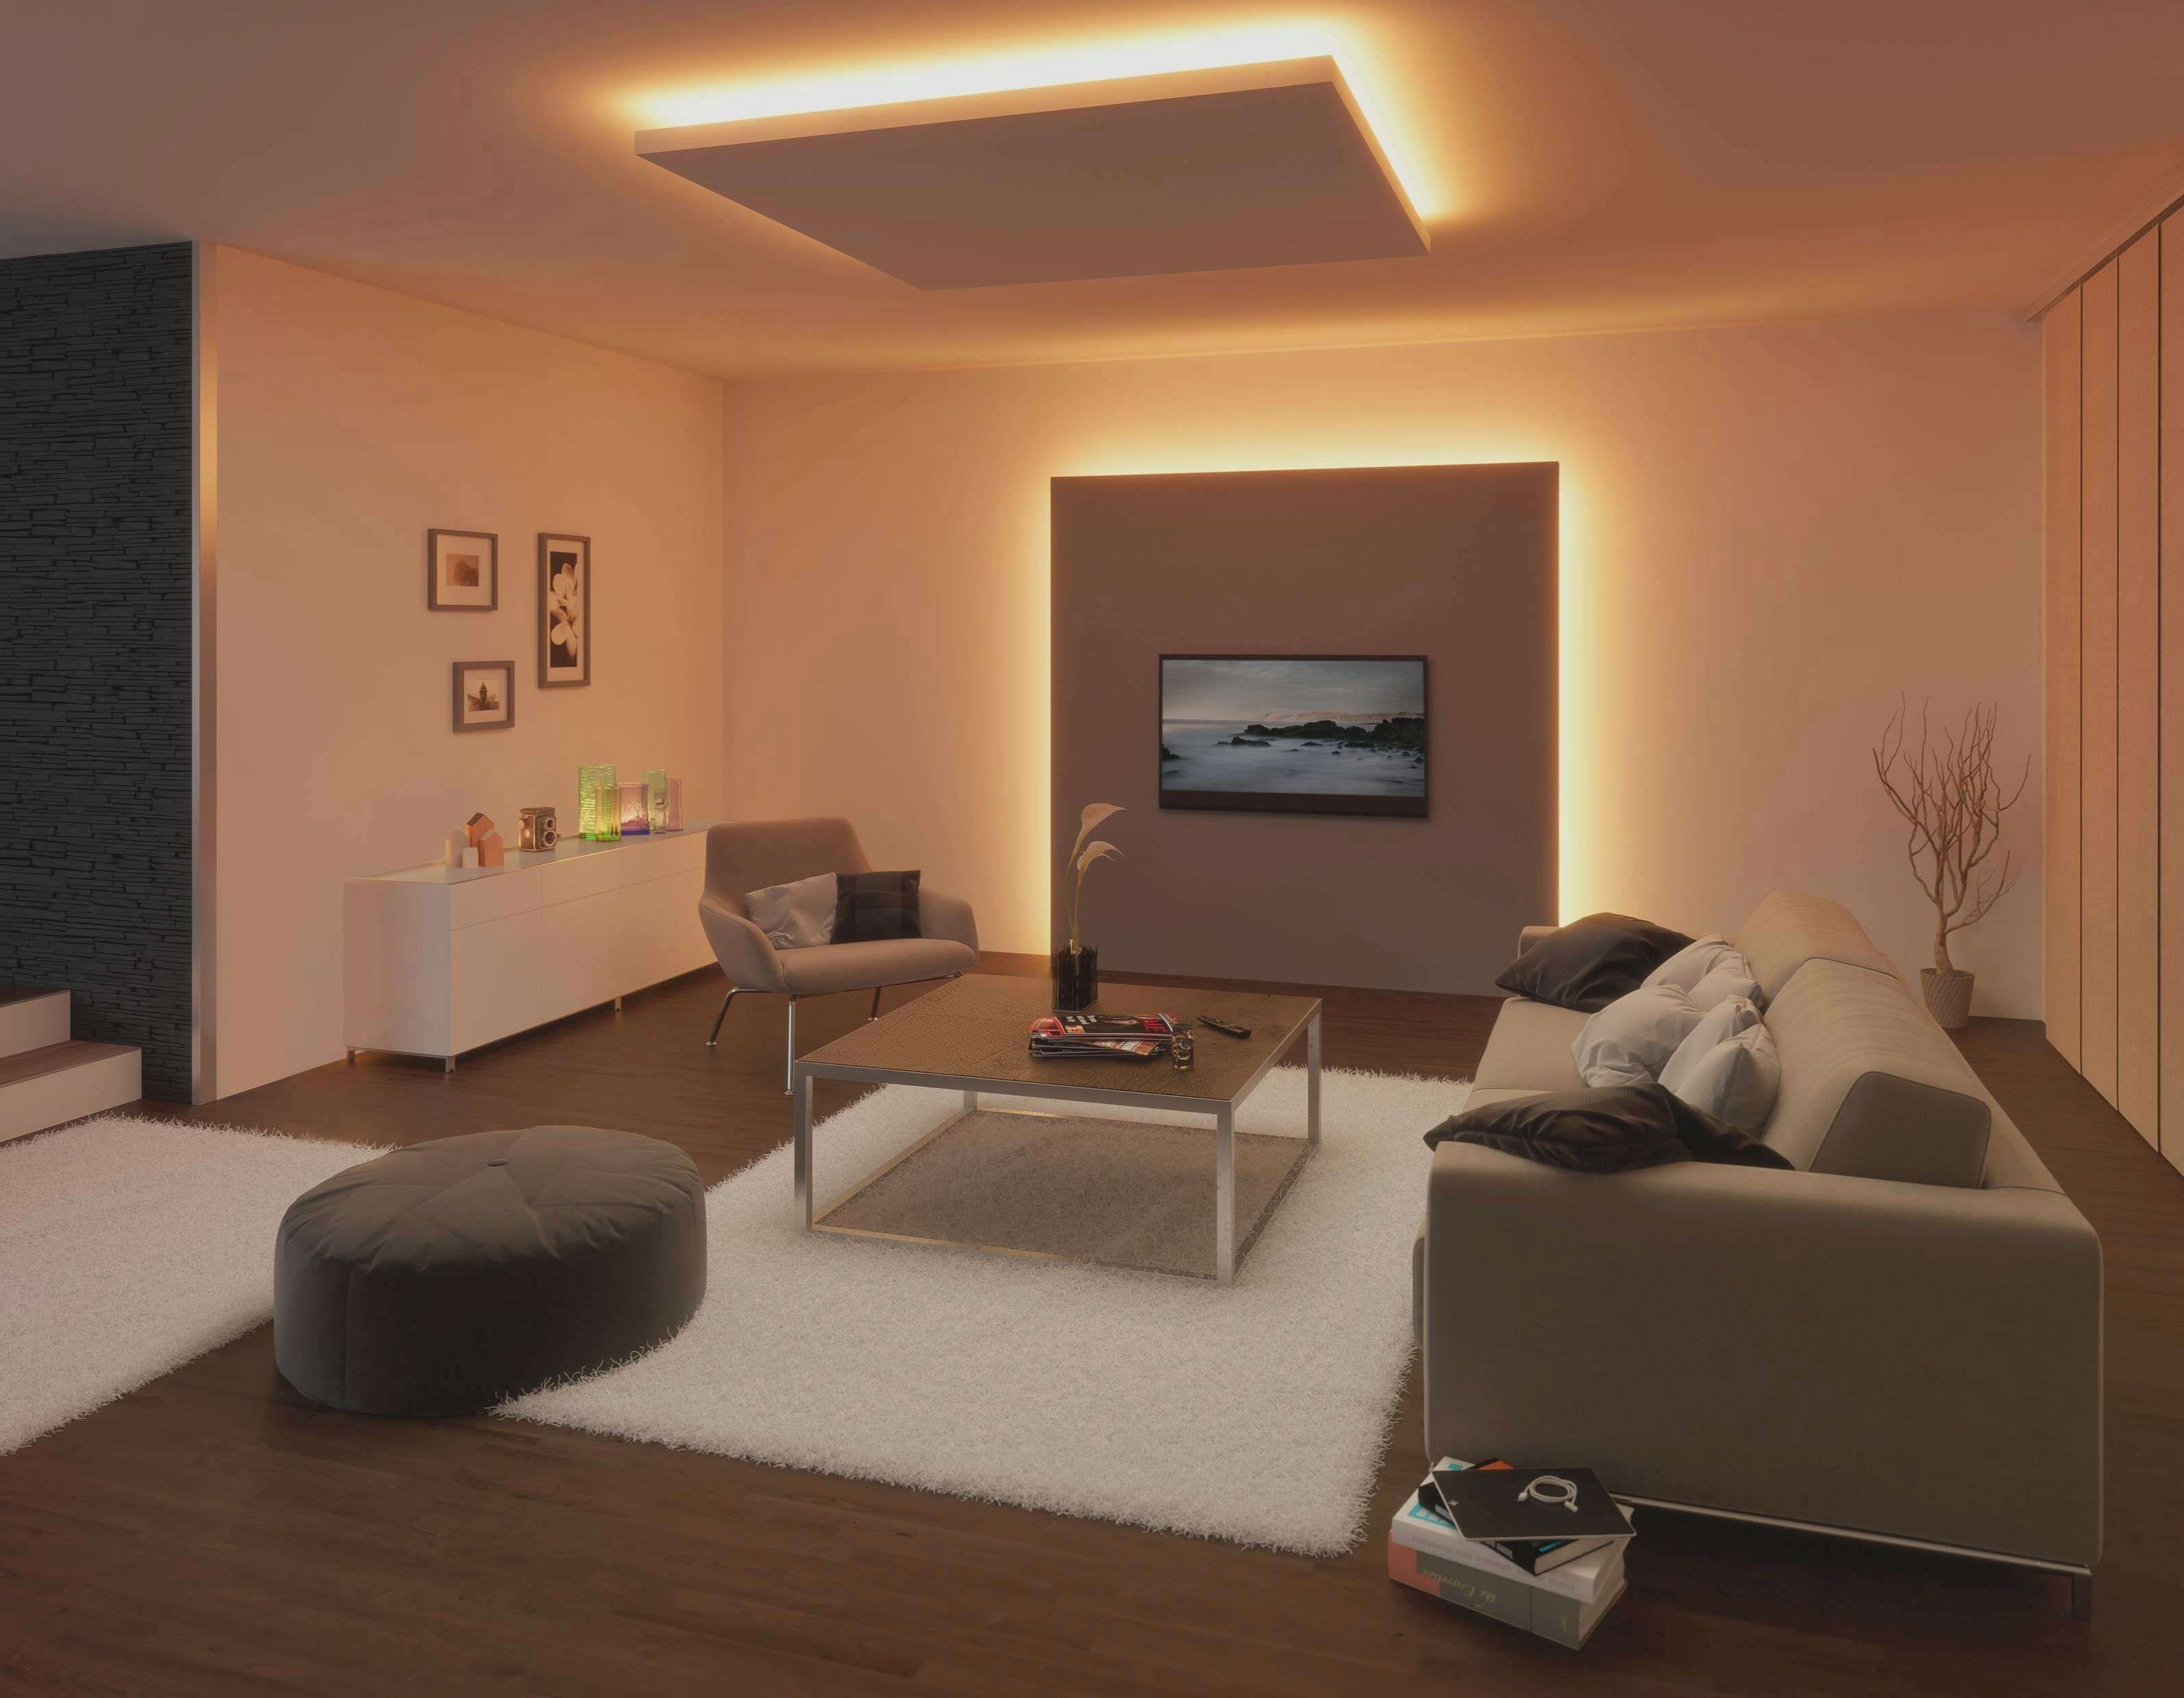 Beleuchtung Wohnzimmer Ideen Deckengestaltung Wohnzimmer Wohnzimmer Licht Wohnzimmer Modern